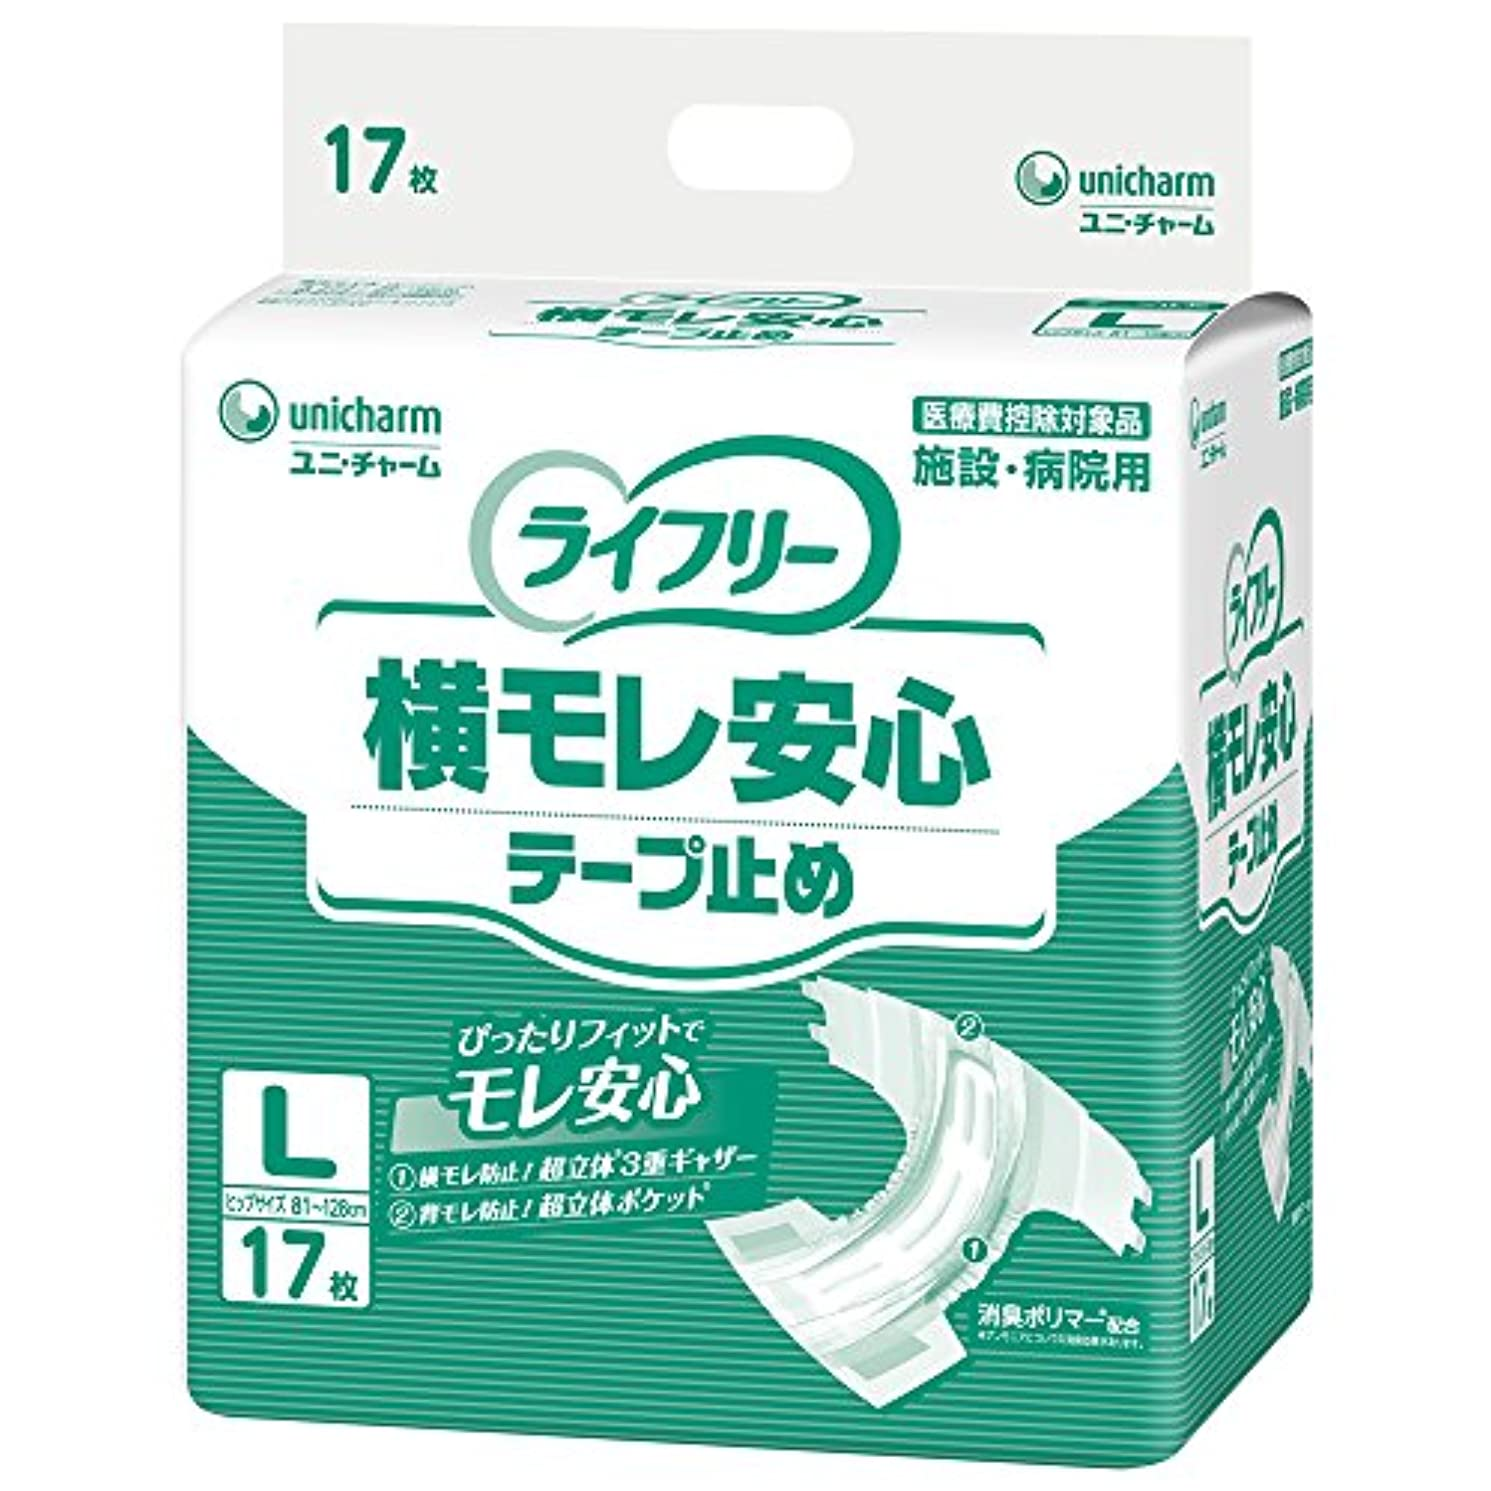 傀儡ペックバスケットボールライフリー 横モレ安心テープ止め L /7-2535-03